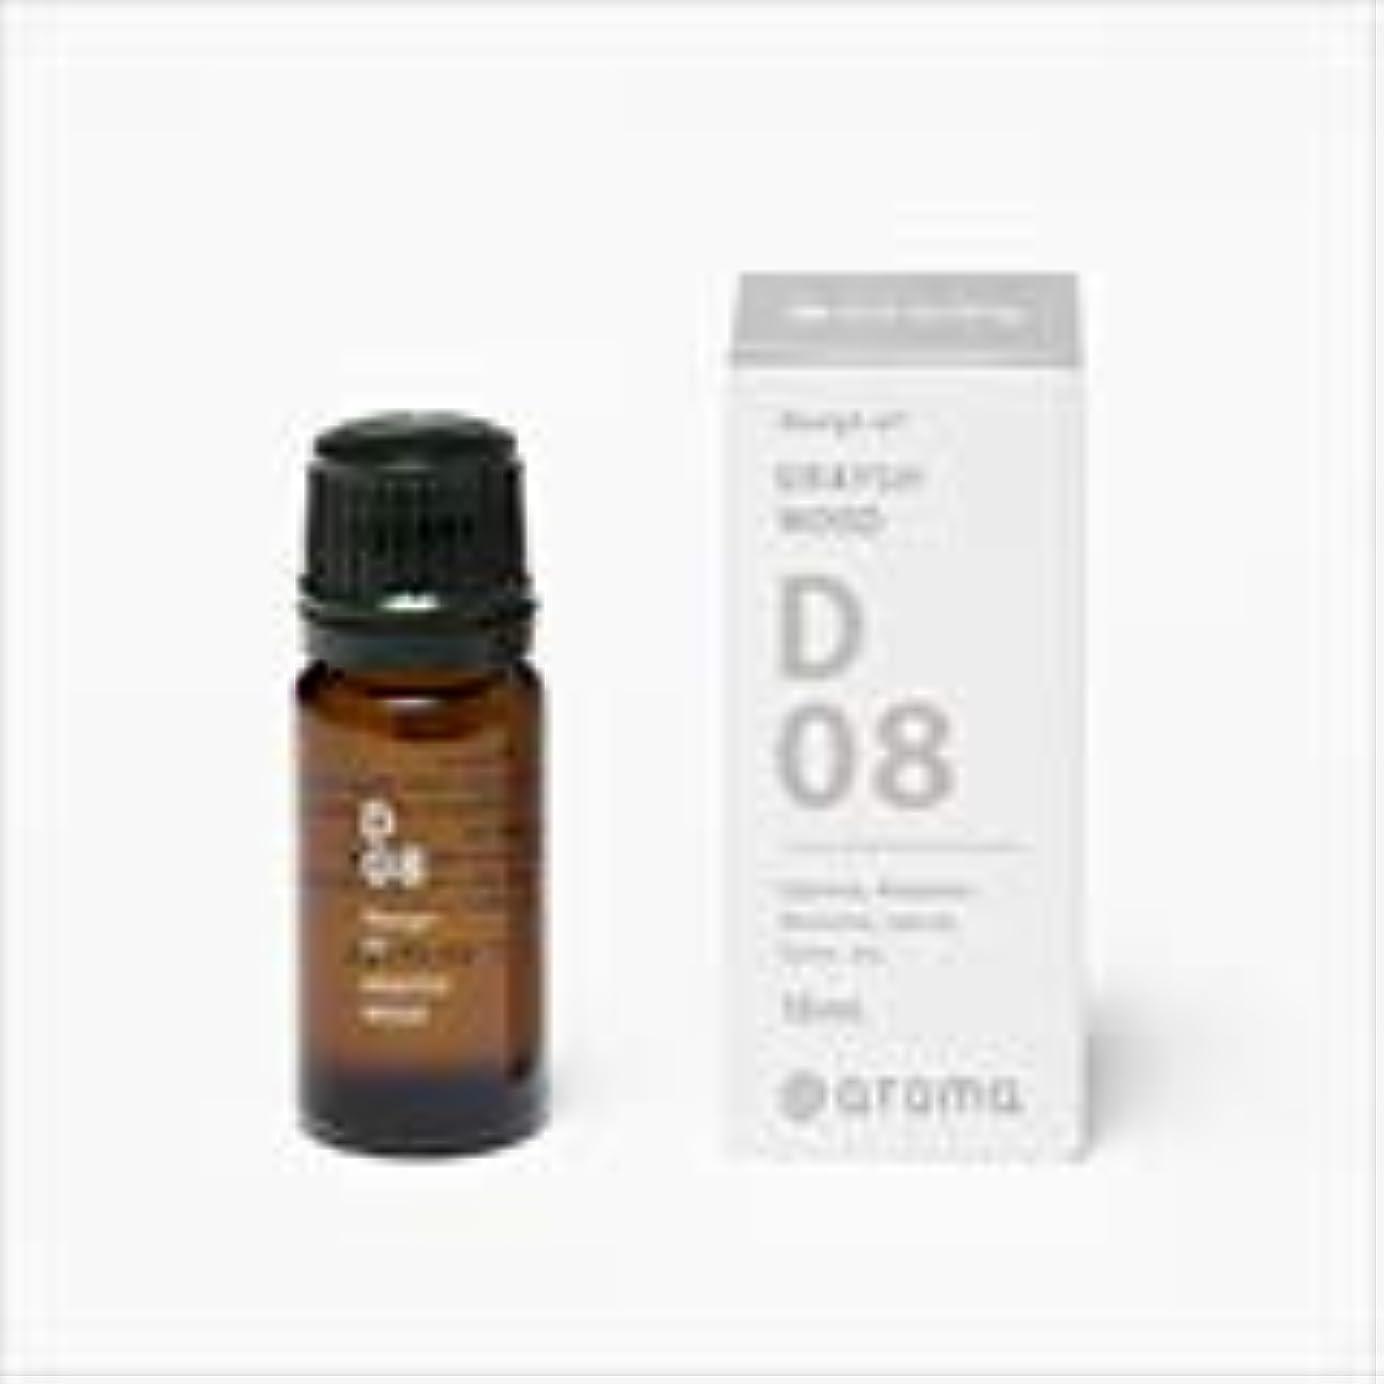 モトリー中央値レトルトアットアロマ 100%pure essential oil <Design air サニーデイ>